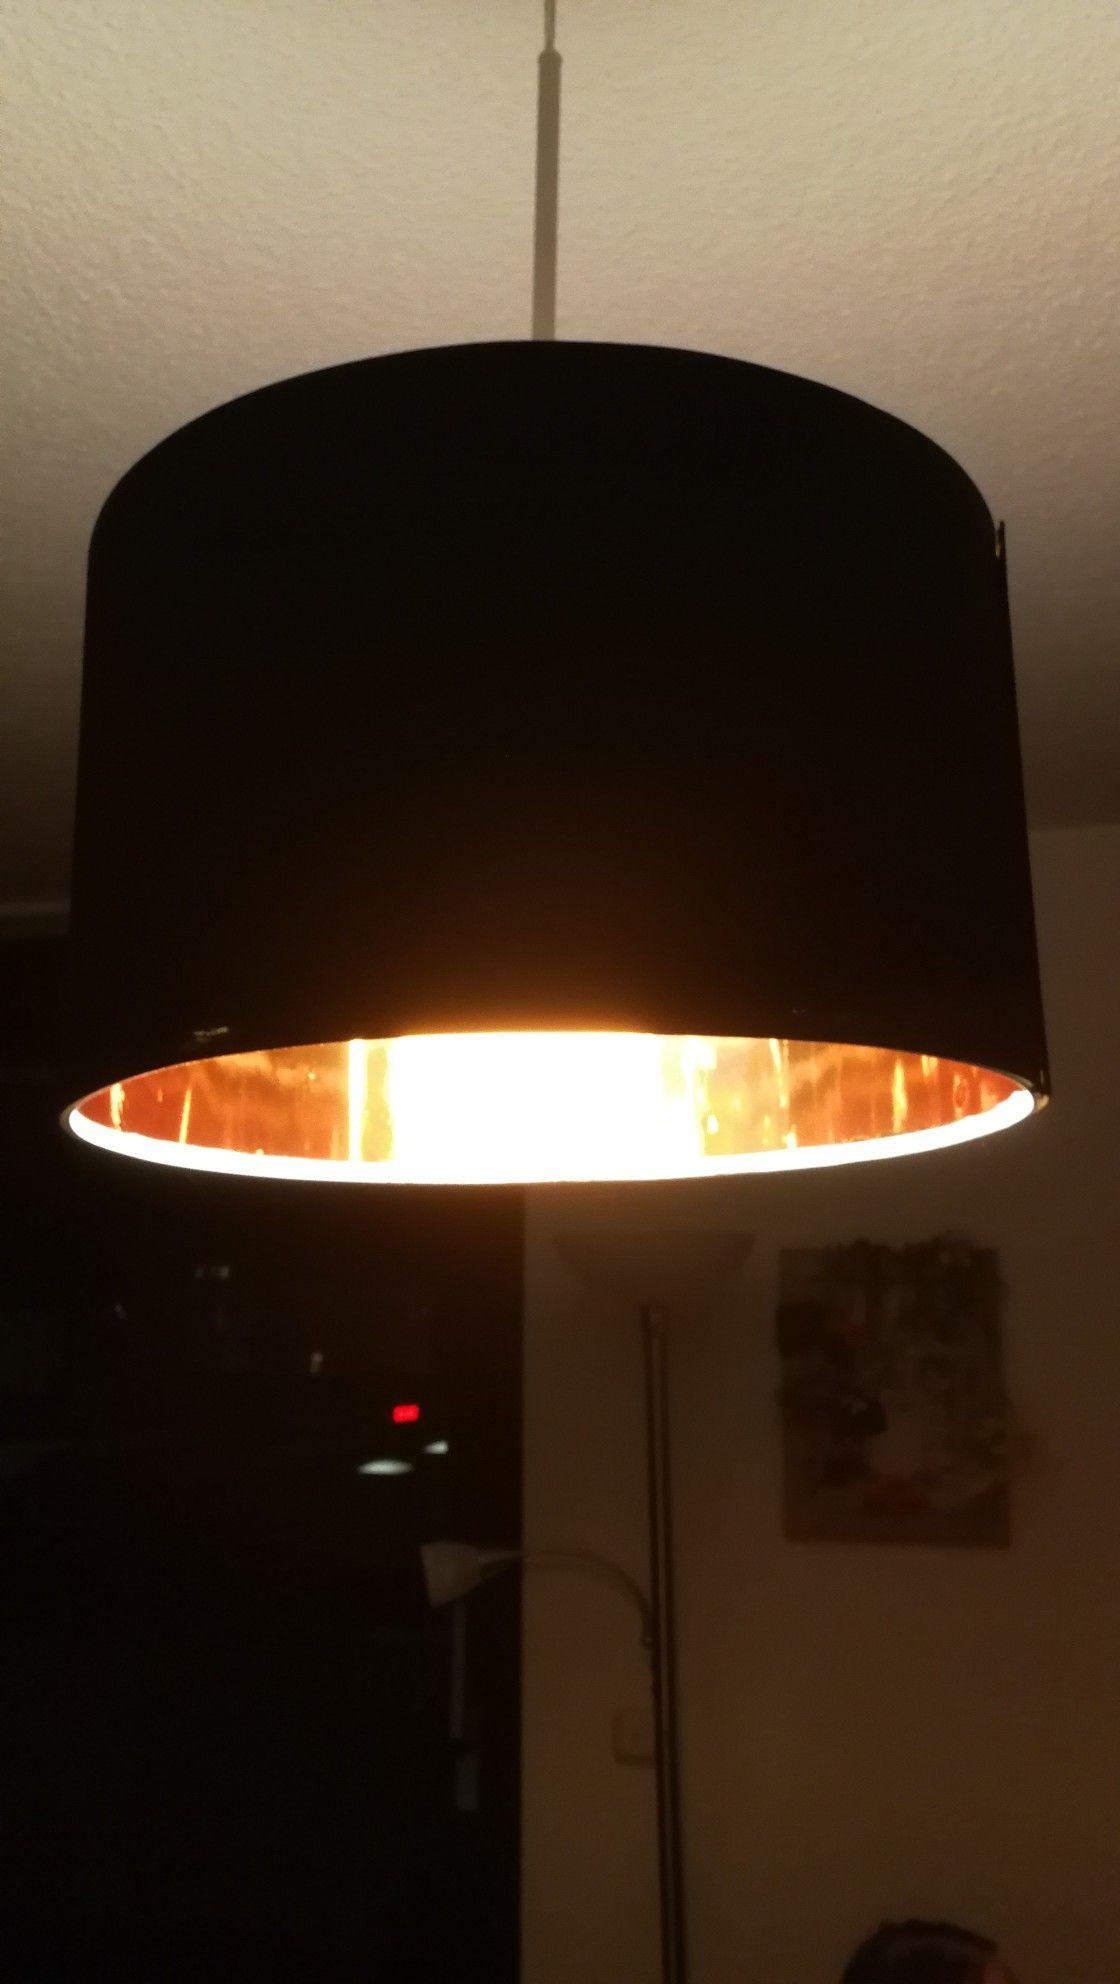 Full Size of Wohnzimmer Lampen Ikea Von Lampe Stehend Leuchten Decke Board Deckenlampe Schlafzimmer Landhausstil Tapete Relaxliege Deko Bad Led Esstisch Sofa Mit Wohnzimmer Wohnzimmer Lampe Ikea